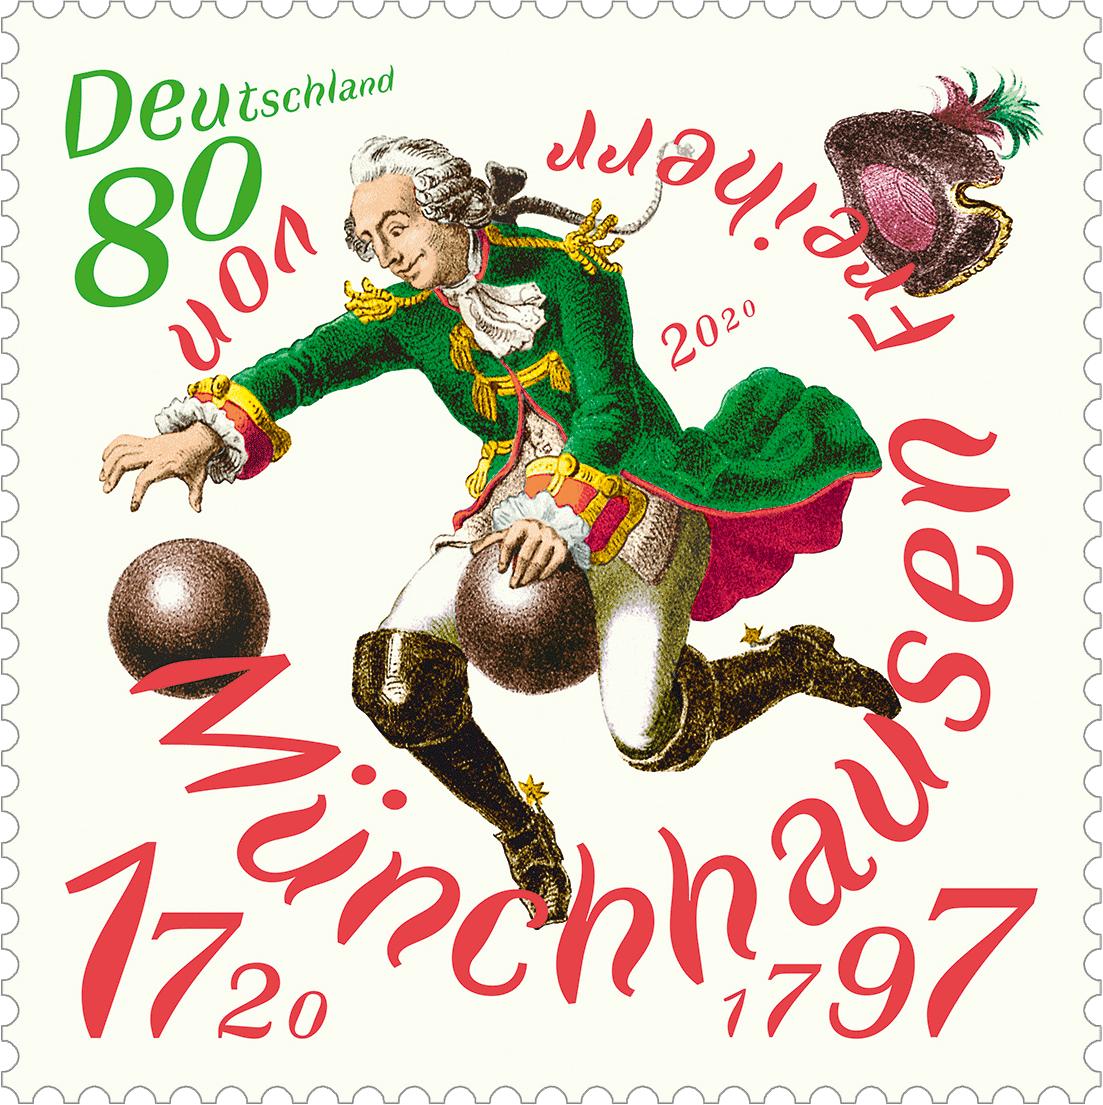 https://www.borek.de/briefmarke-300-geburtstag-freiherr-von-muenchhausen